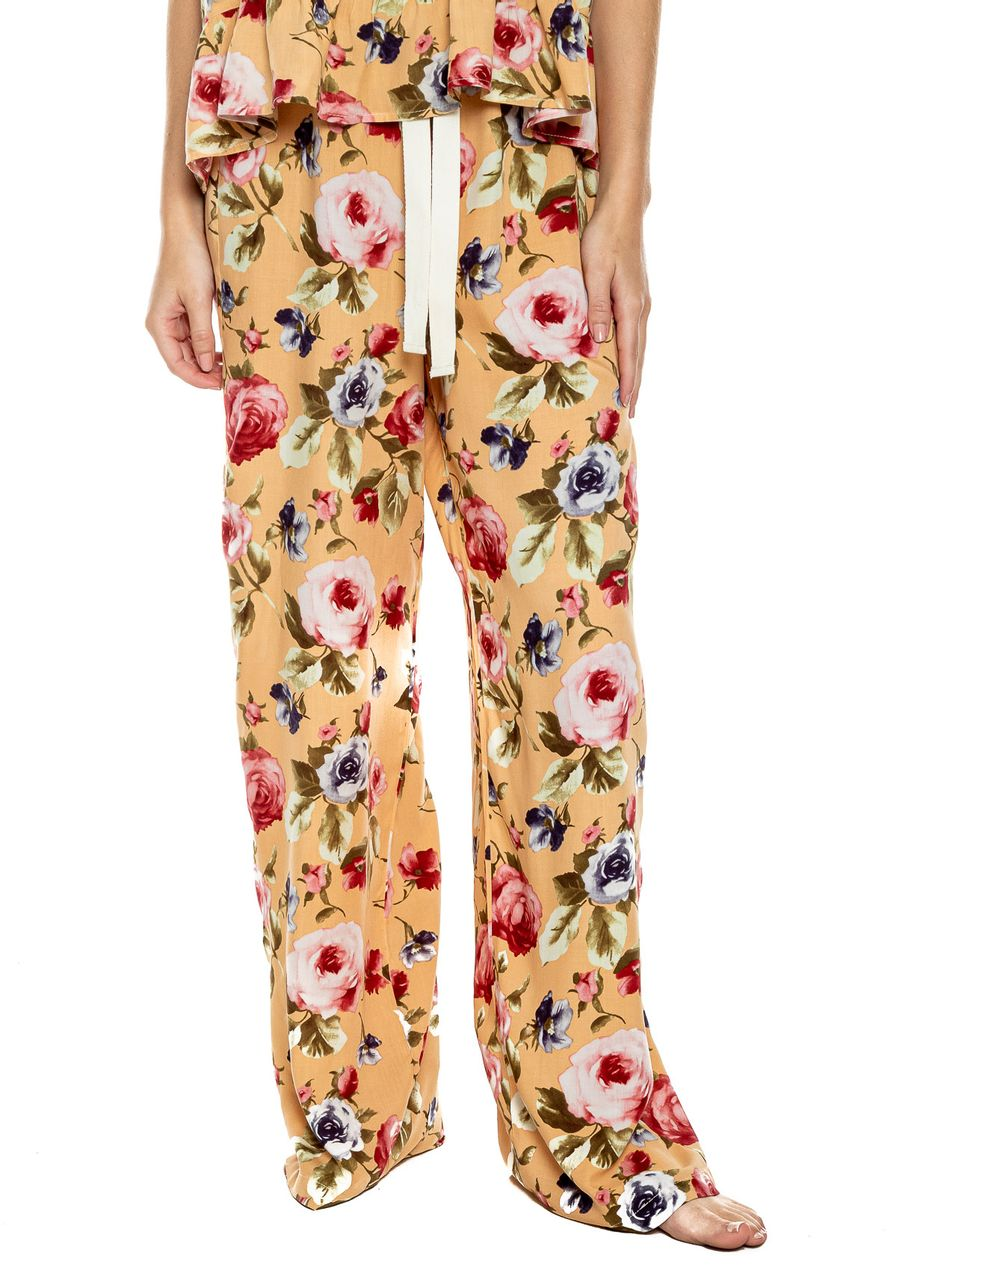 pantalon-046809-naranjado-1.jpg